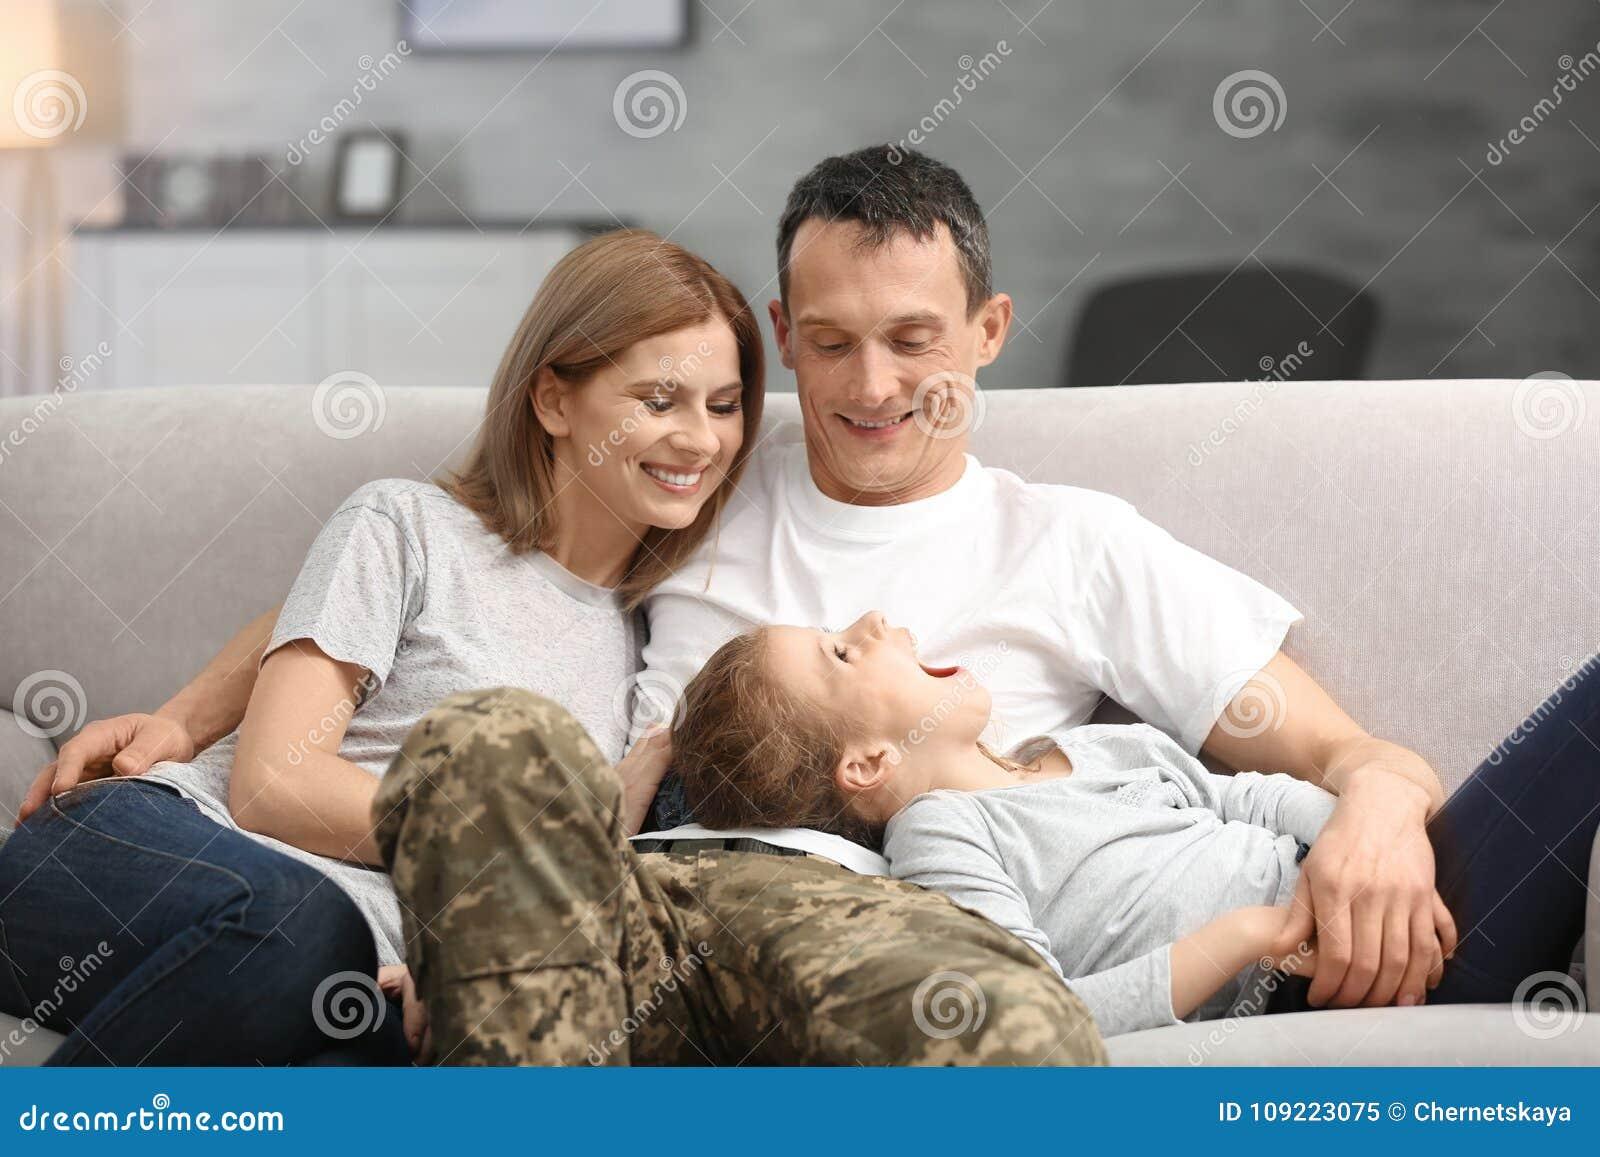 Militärvater mit seiner Familie auf Sofa